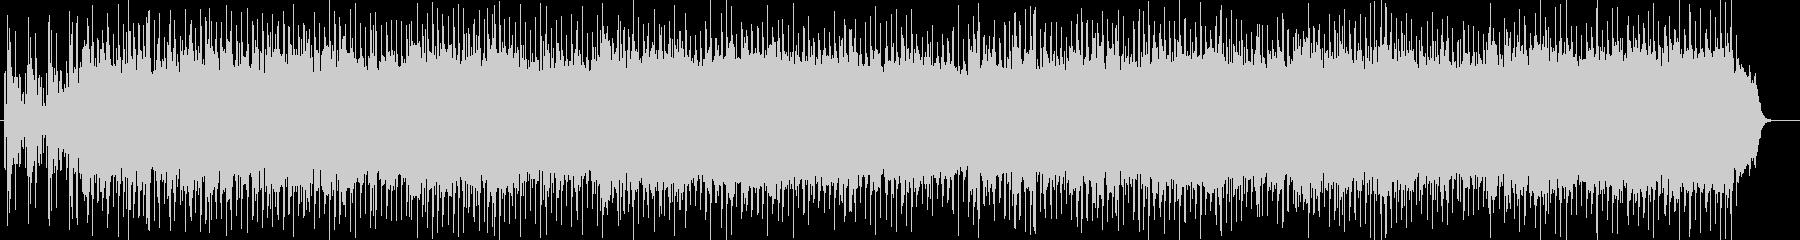 打楽器とシンセのパンが繋ぐシンフォニーの未再生の波形